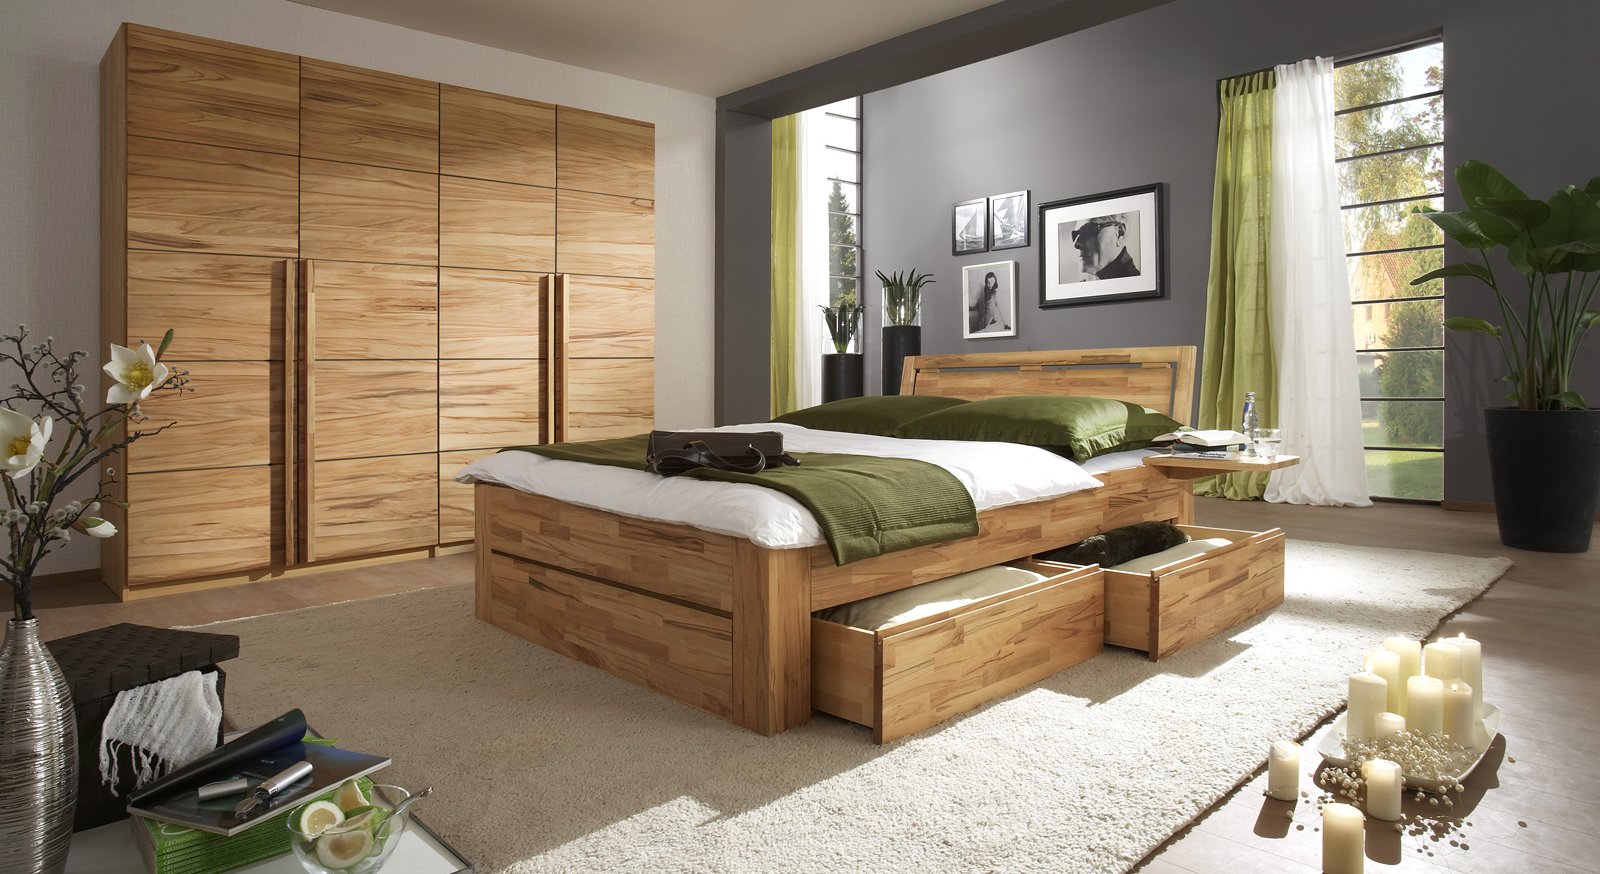 Komplett schlafzimmer massiv haus design ideen - Komplett schlafzimmer massiv ...